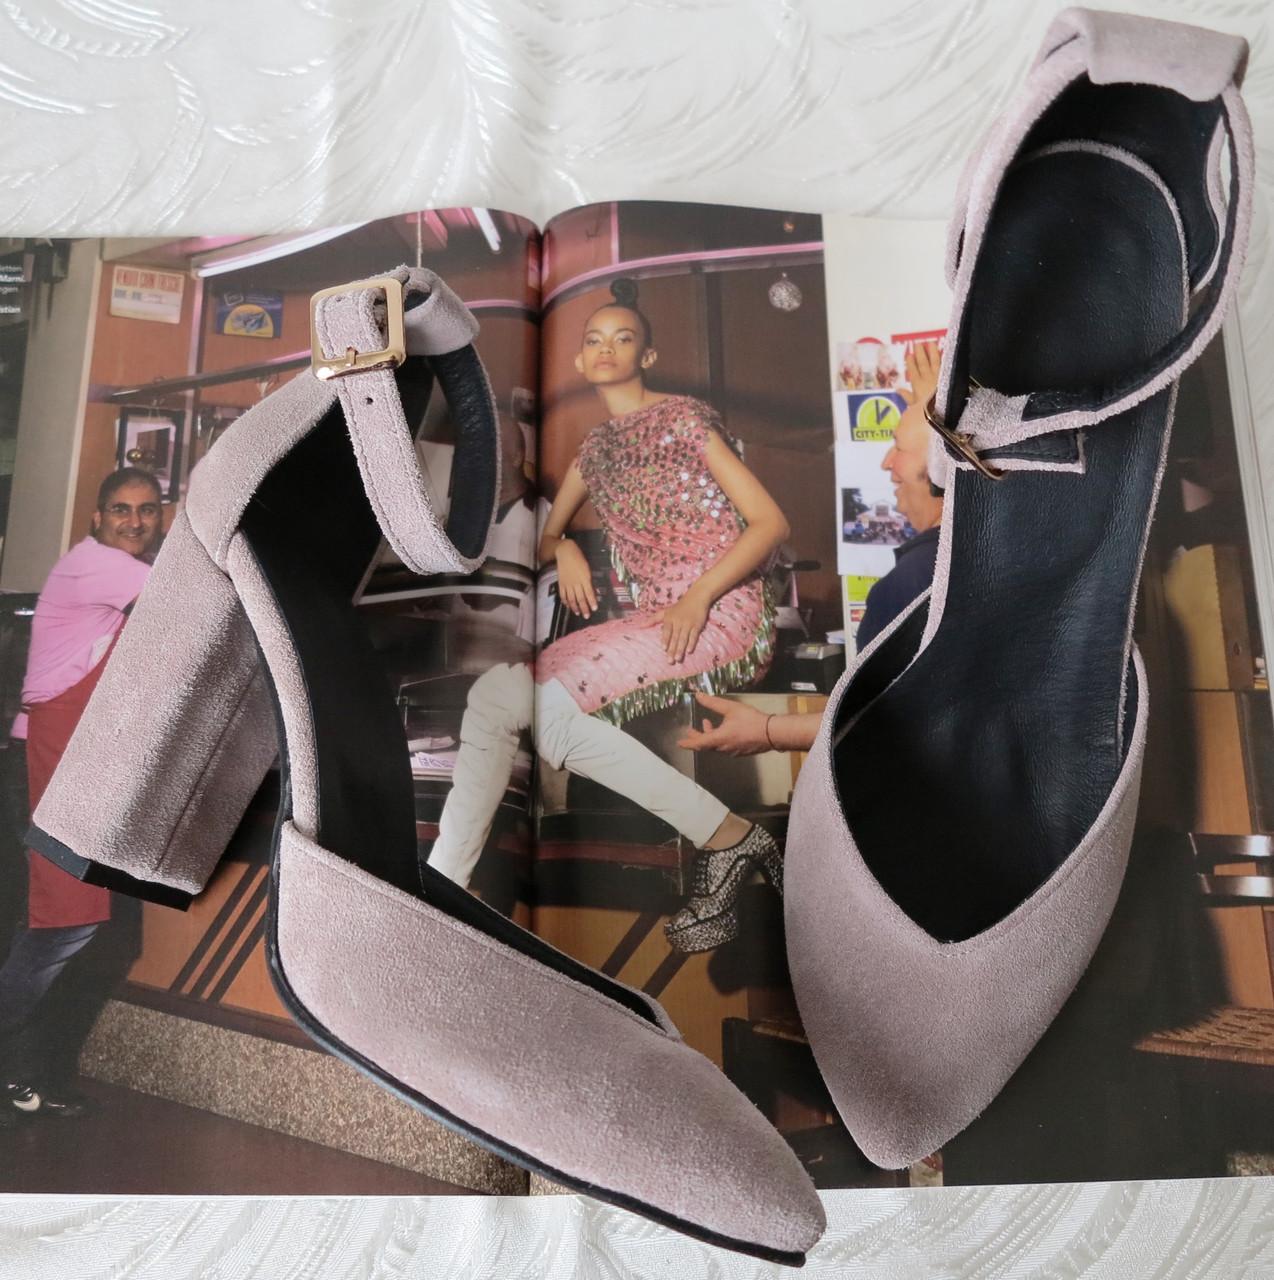 37 р. Туфли женские бежевые замшевые на каблуке с ремешком, из натуральной замши, натуральная замша